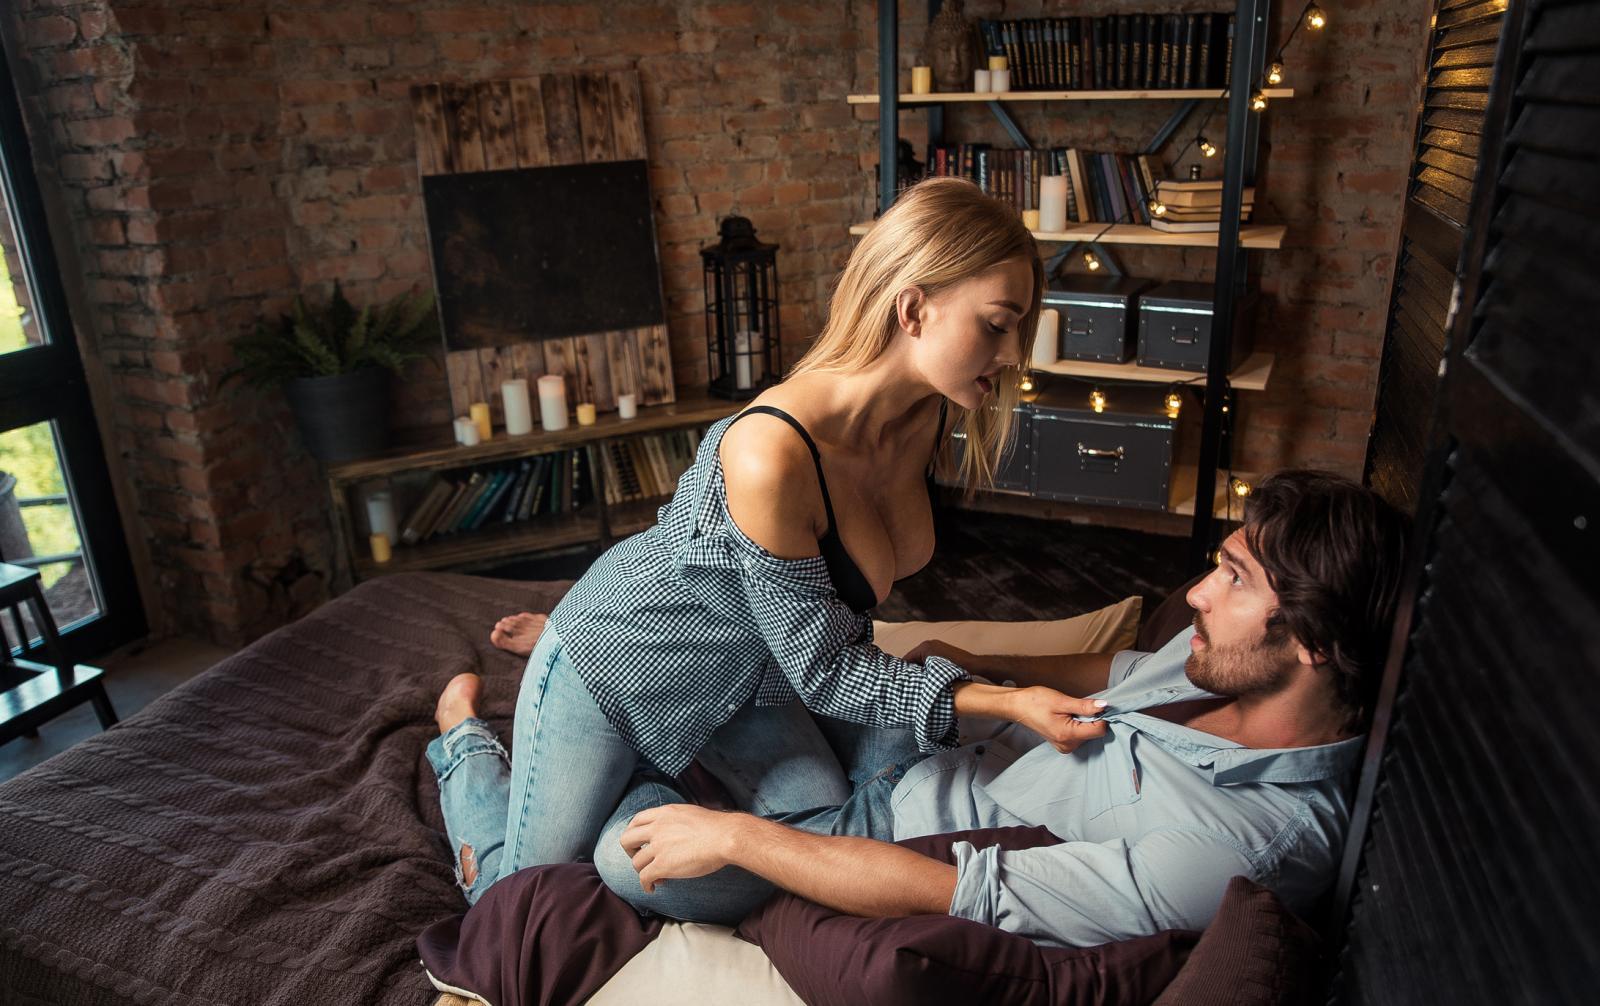 Nemojte svaljivati krivicu na partnera, puno toga ovisi samo o nama!